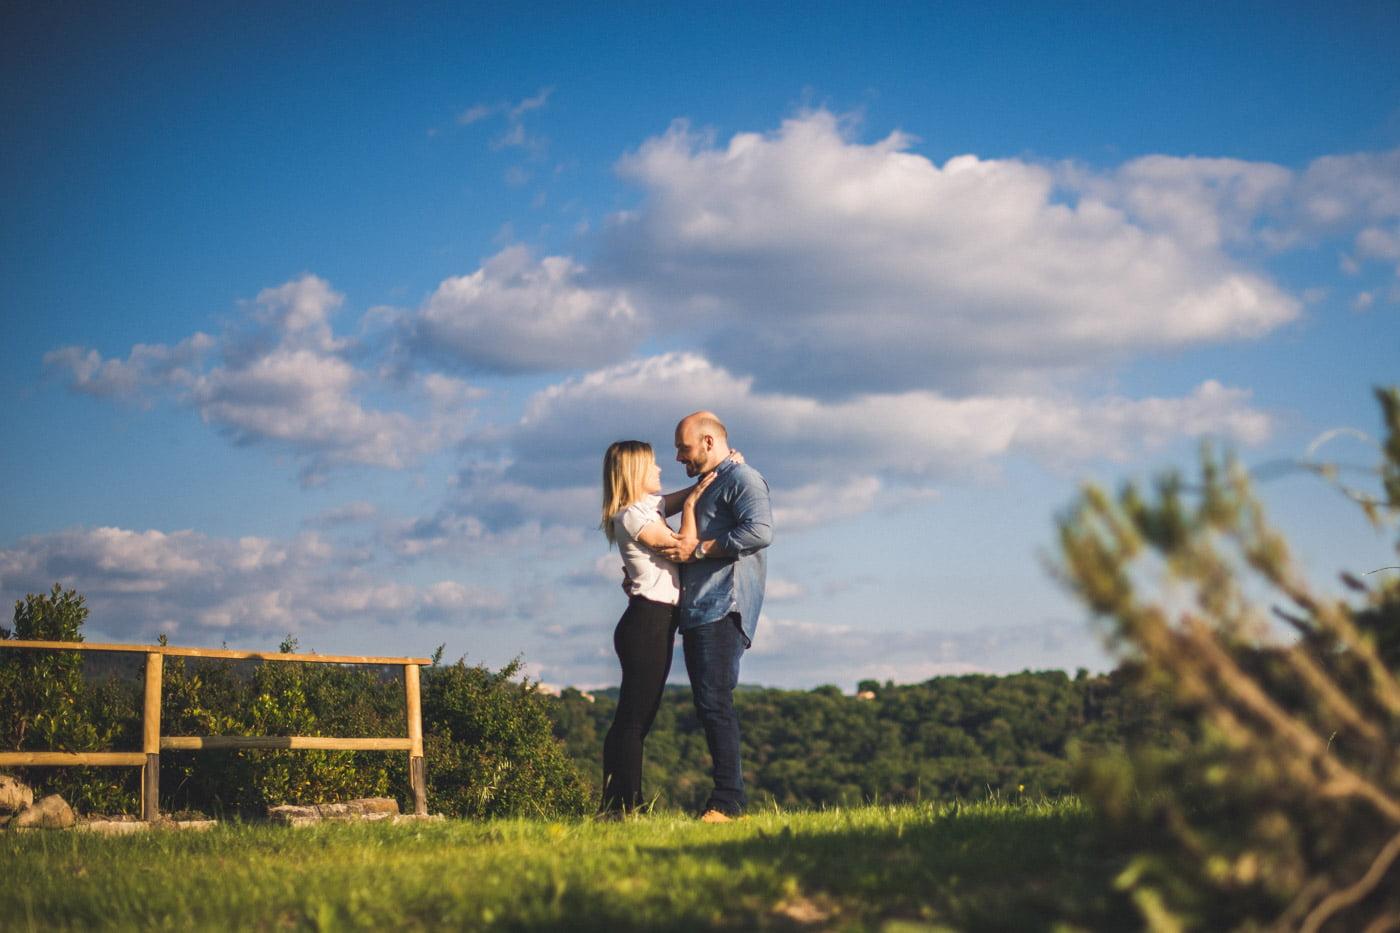 008-Engagement-Tuscany